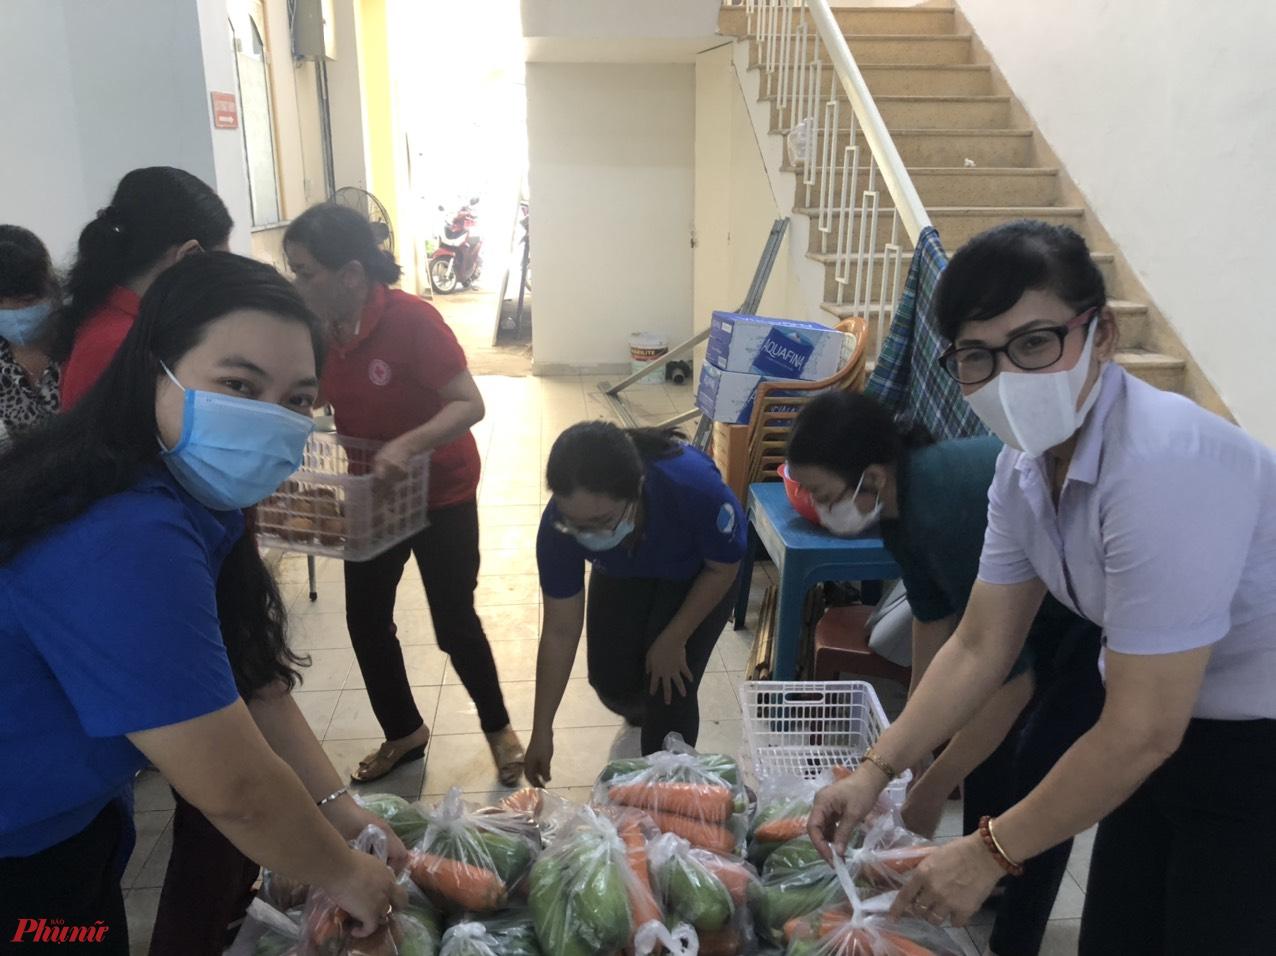 Tại quận Phú Nhuận, cán bộ Hội hàng ngày vẫn làm hậu phương, hỗ trợ lương thực thực phẩm đến người dân khó khăn để cùng chống dịch